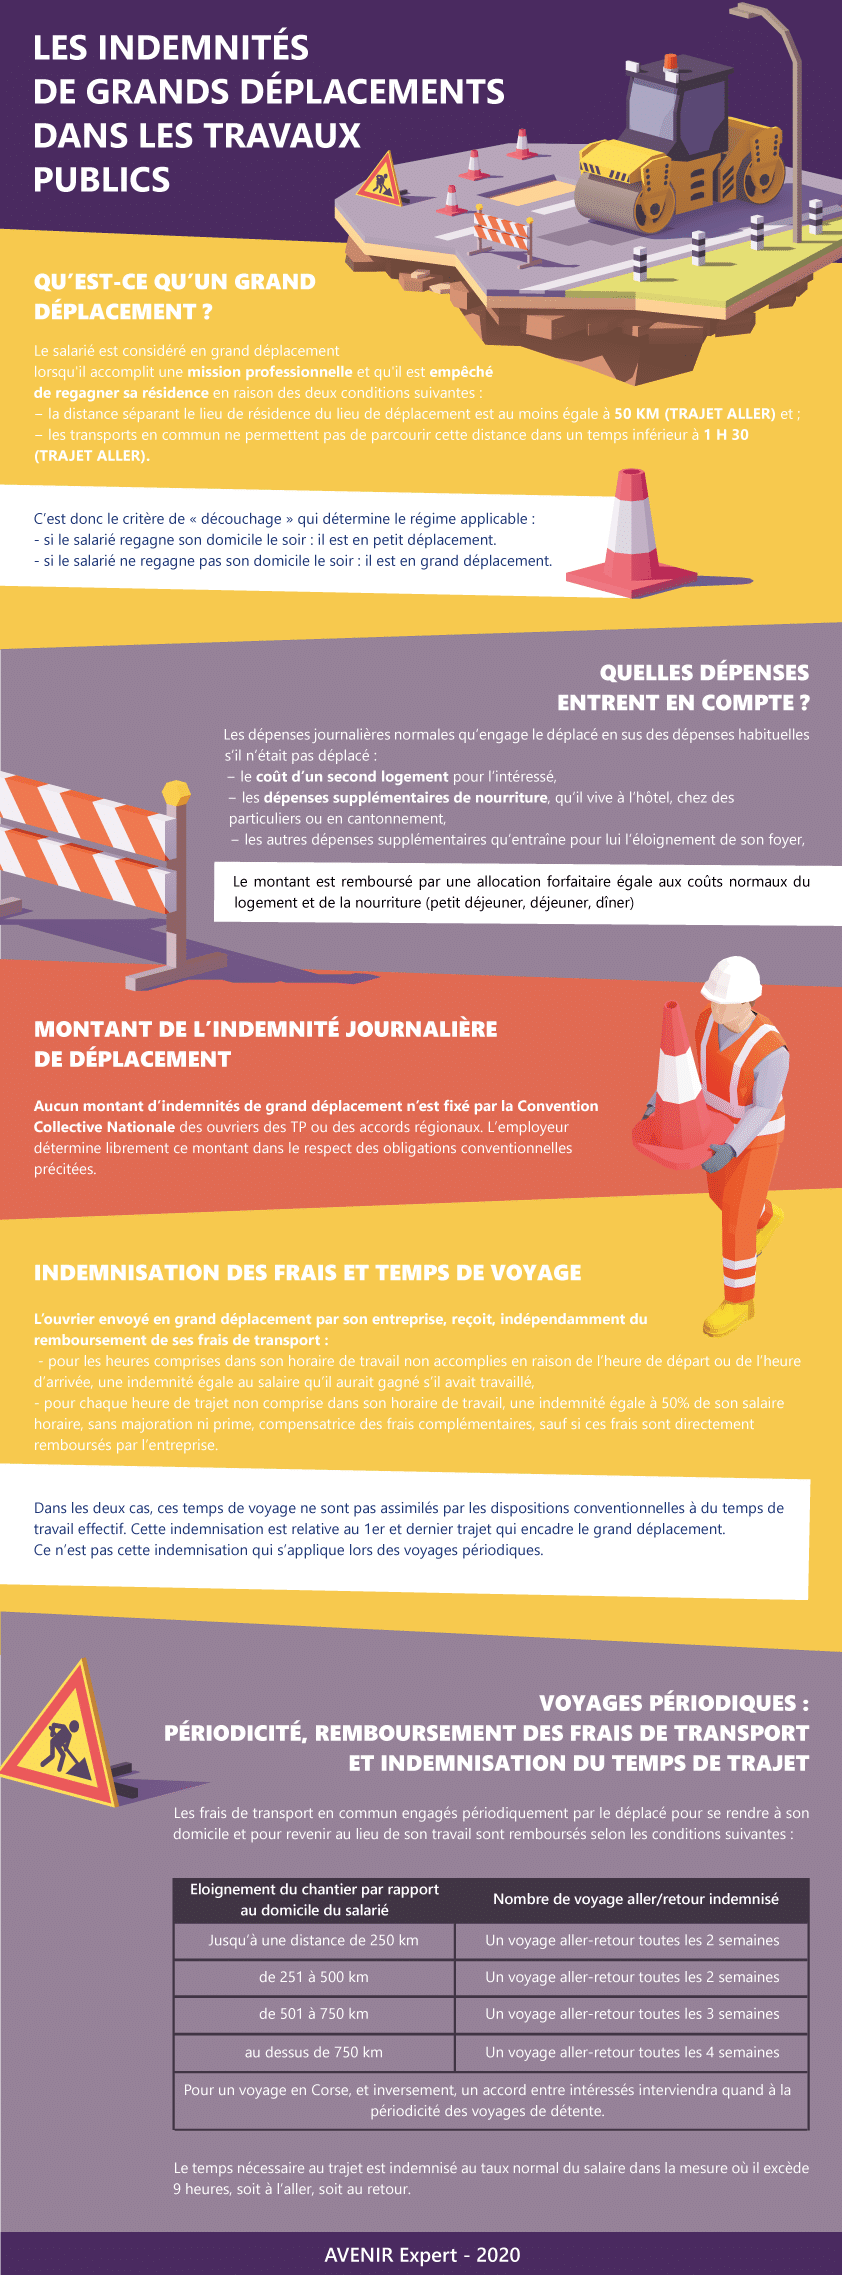 Infographie : les indemnités de grands déplacements dans les travaux publics